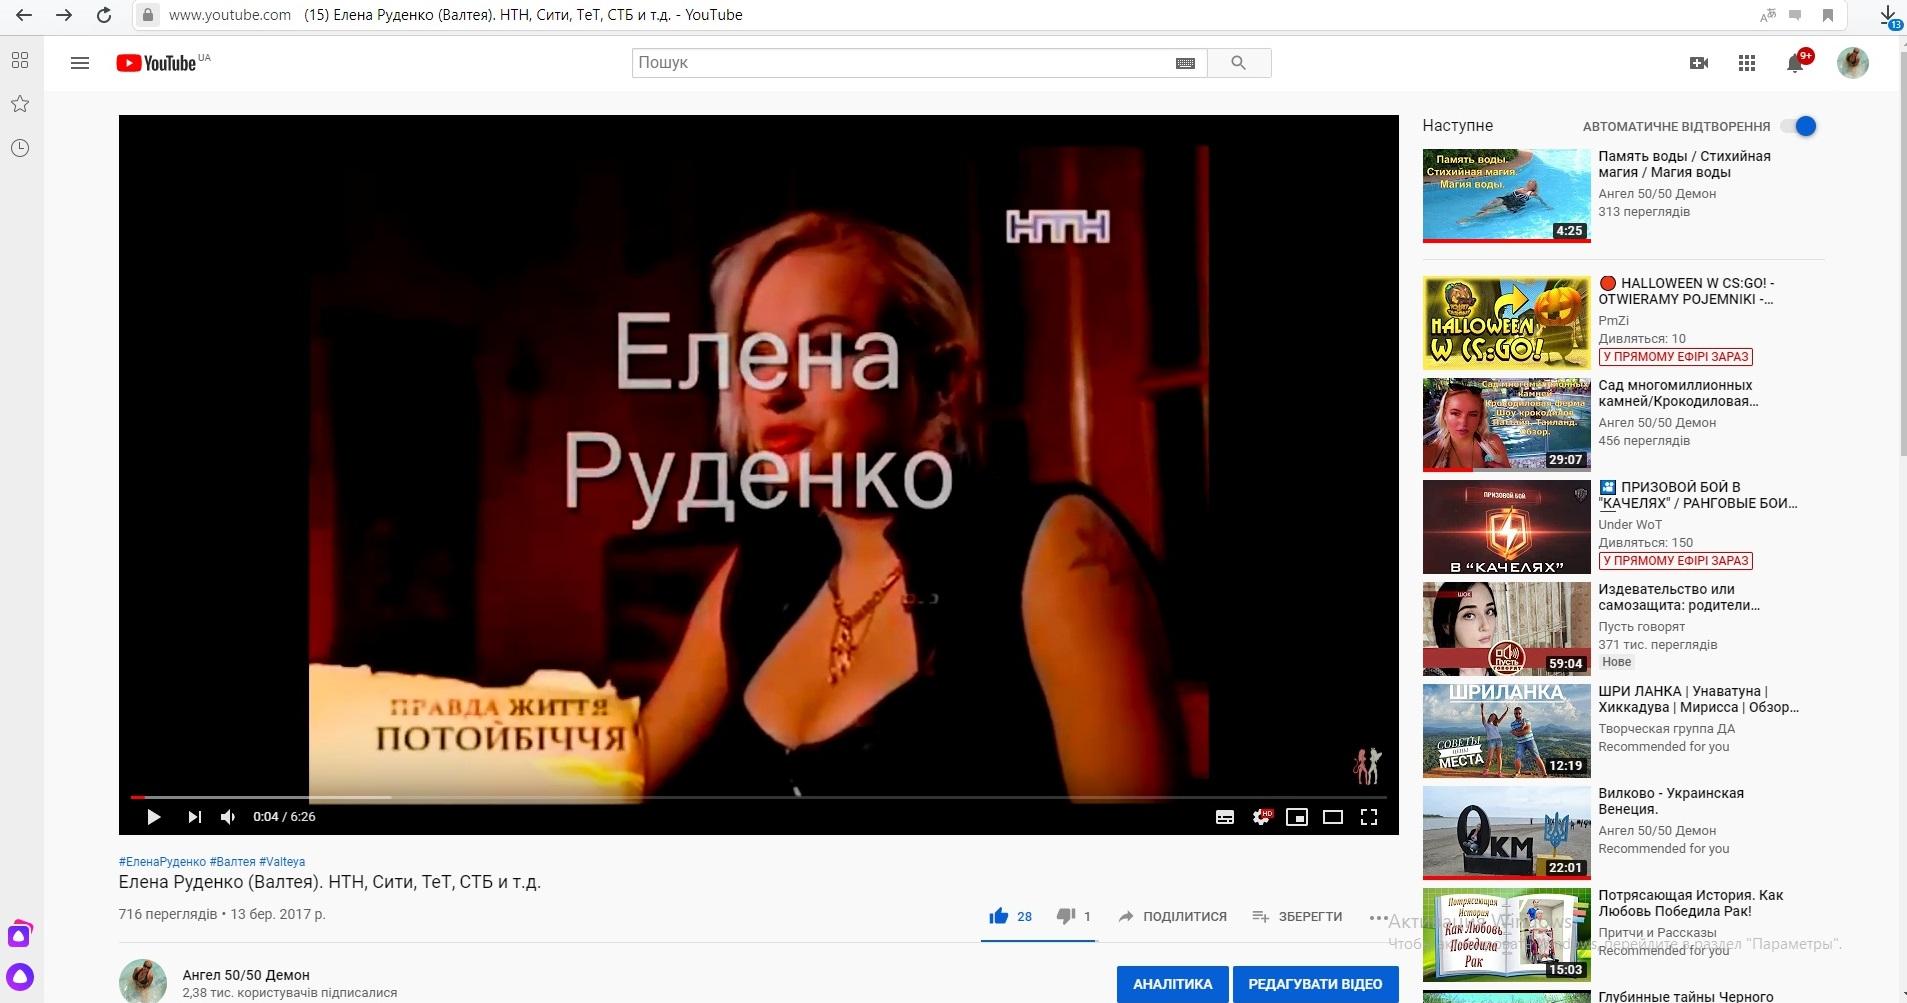 Как на форум загрузить видео с Ютуба?  MTAJXnMGrbw